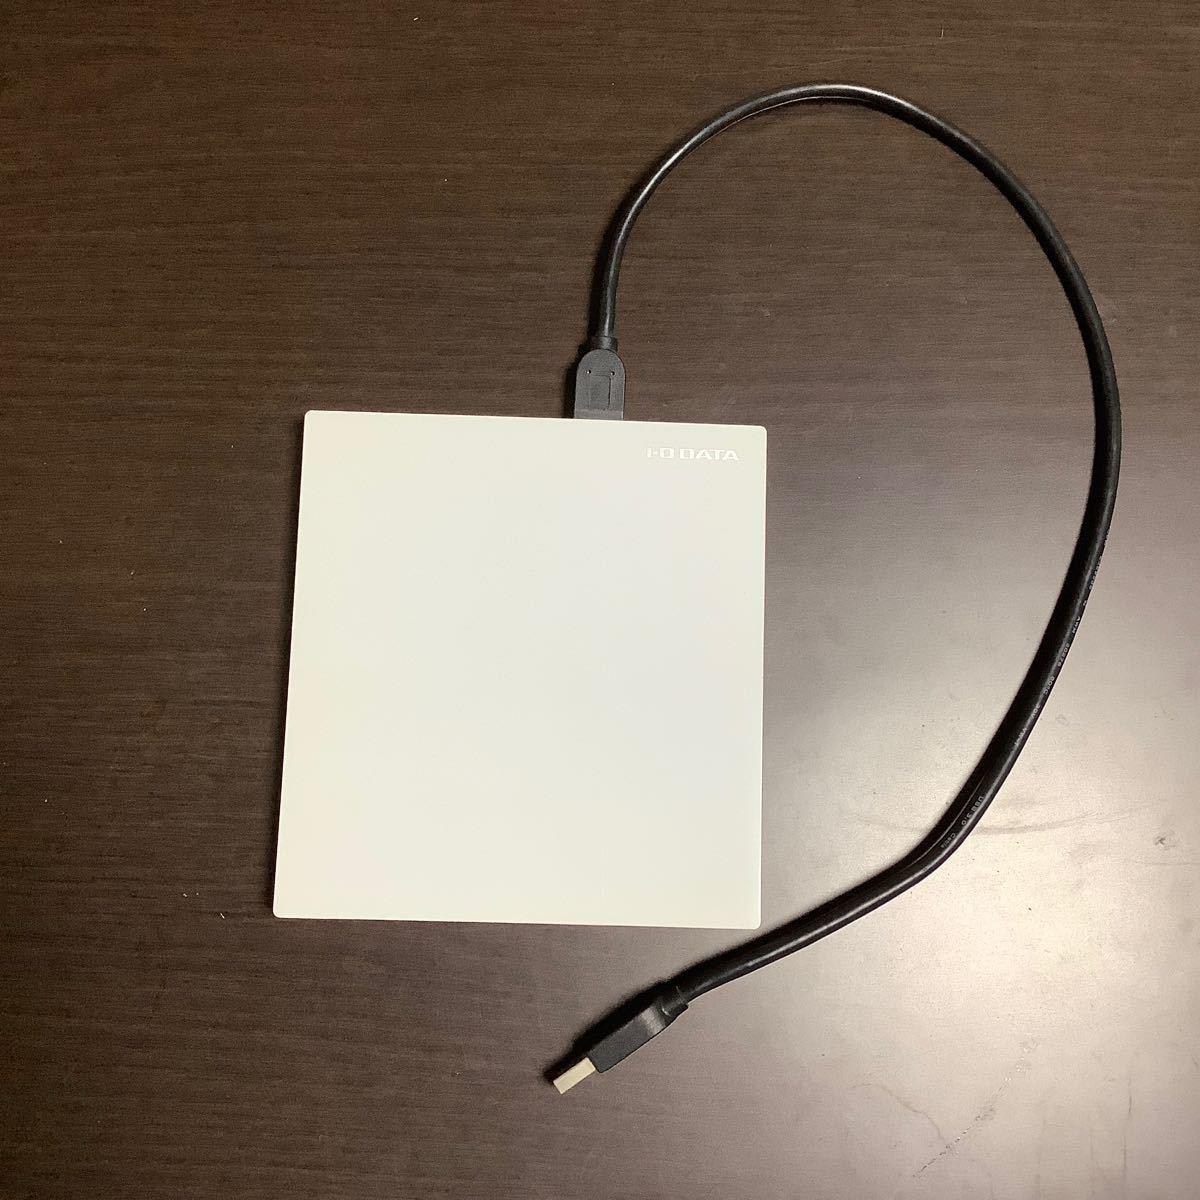 I-O DATA ポータブル ブルーレイドライブ BRP-UT6SLW USB3.0 外付け BDXL バスパワー対応